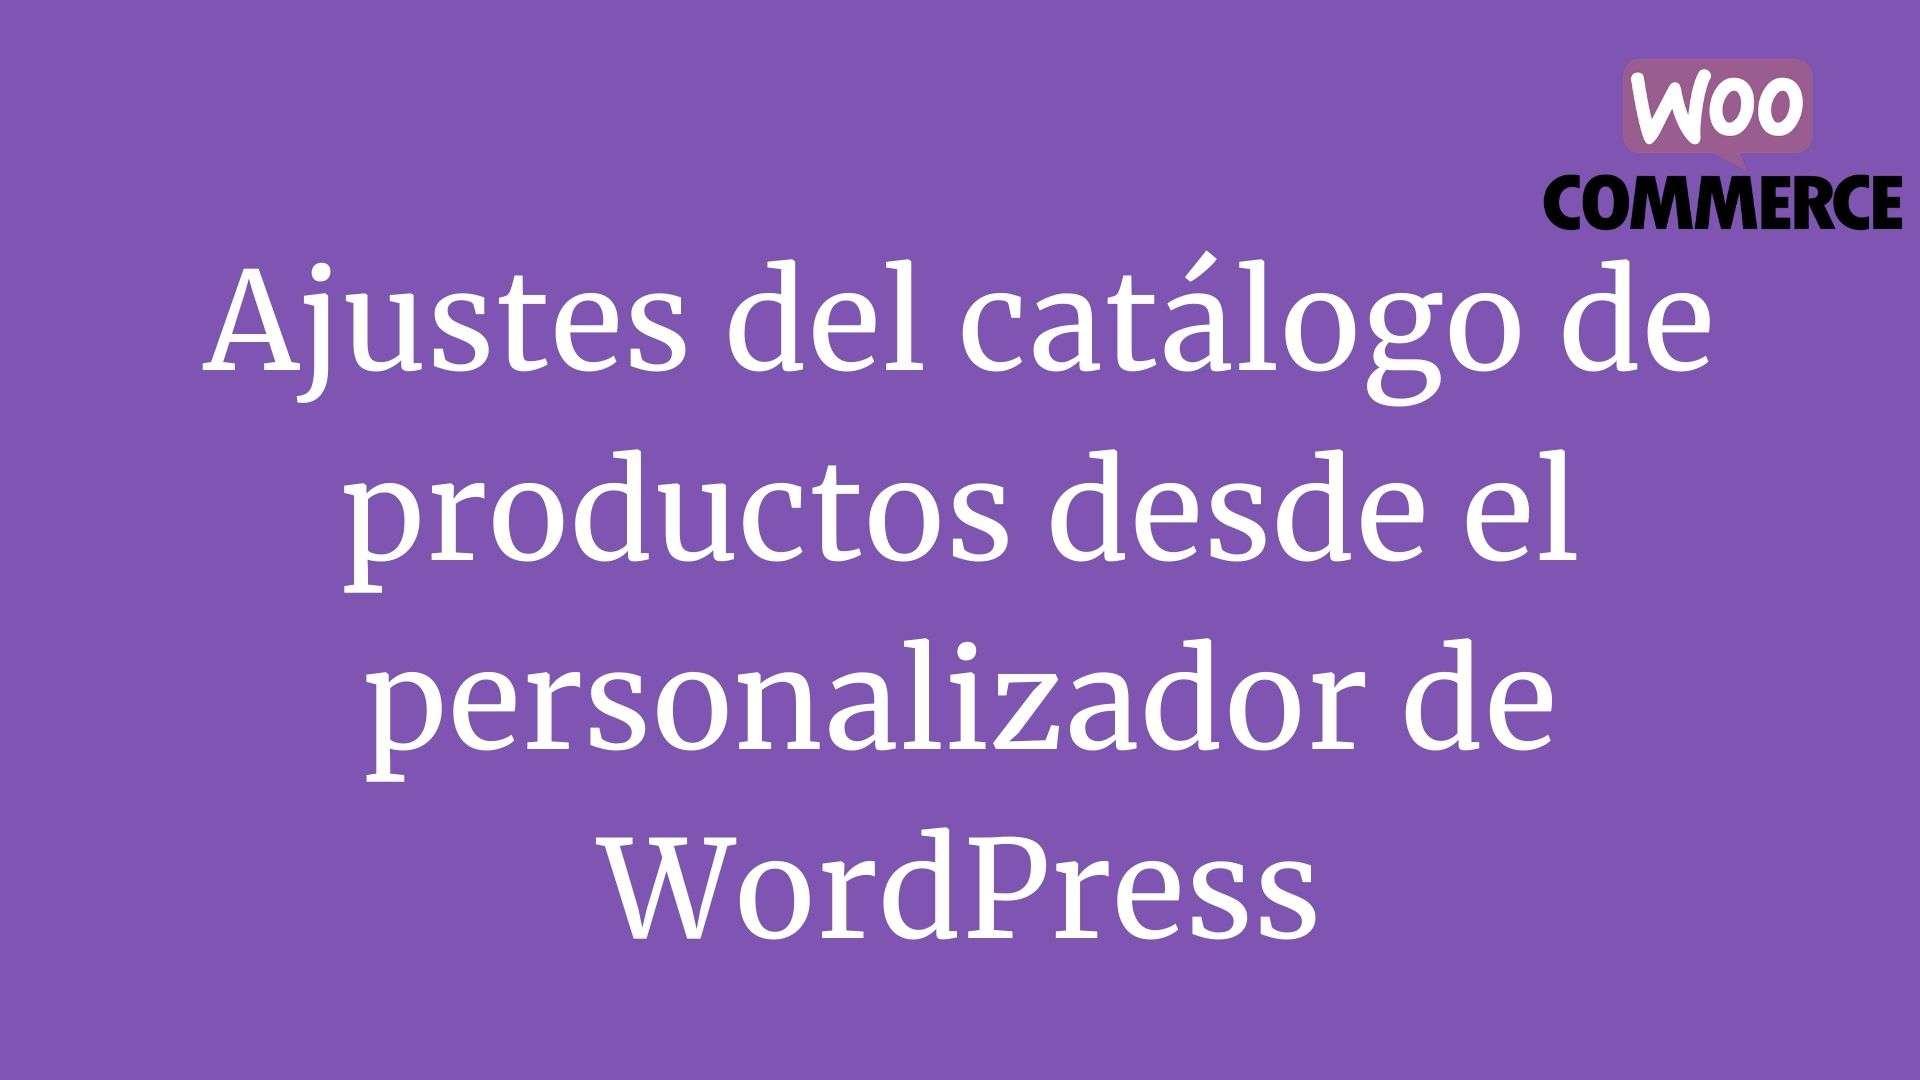 Ajustes del catálogo de productos desde el personalizador de WordPress